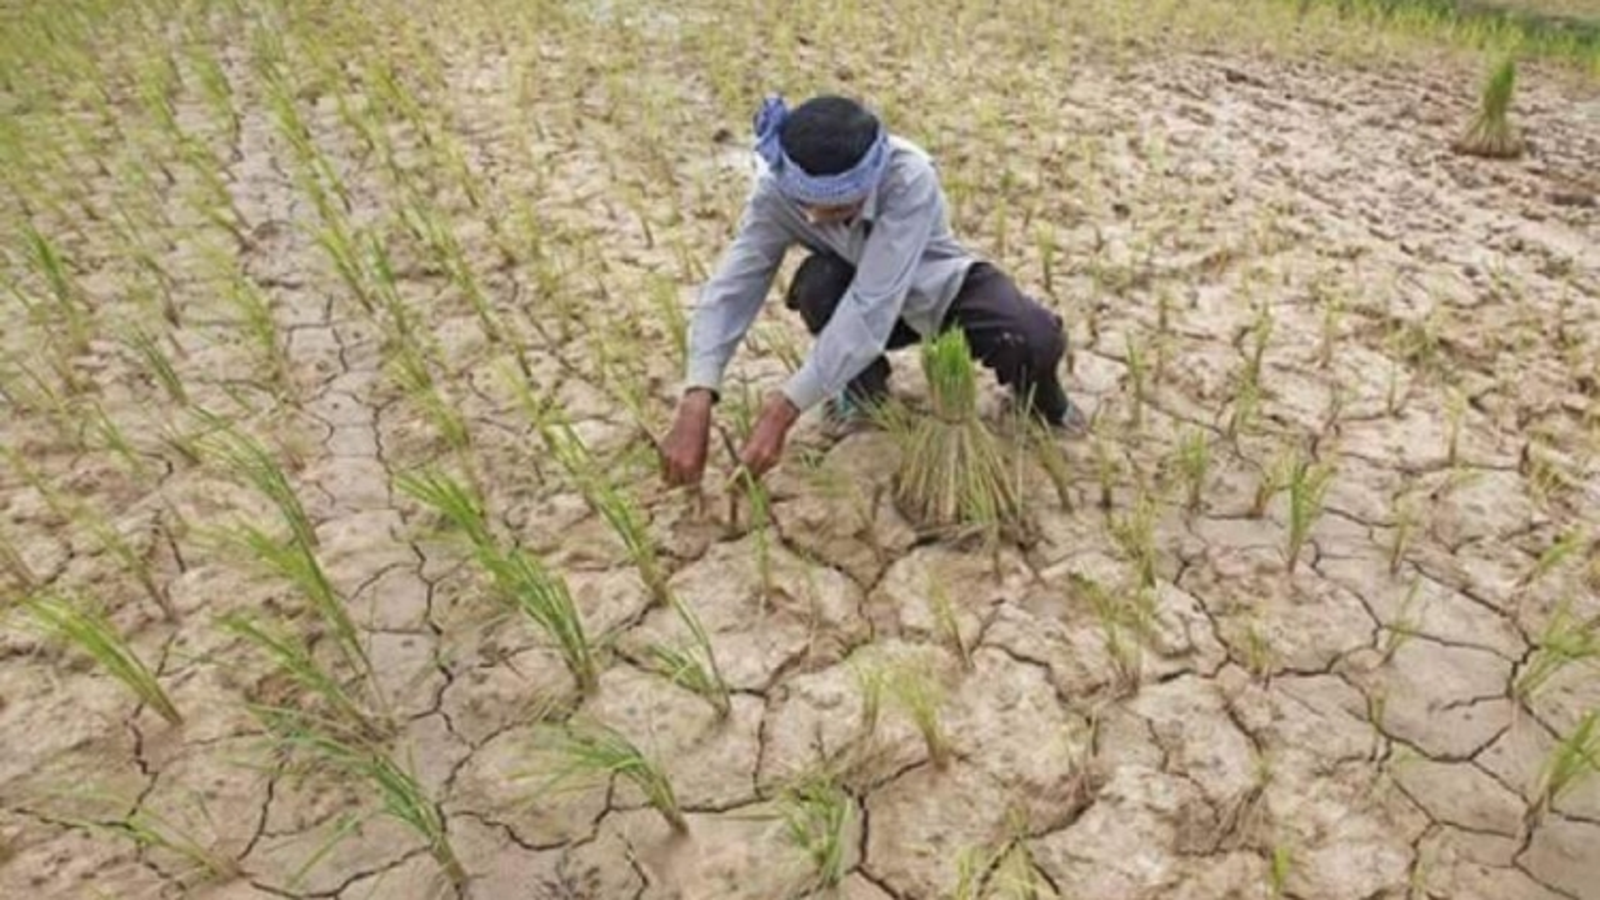 Campuchia cảnh báo thiếu nước dùng trong năm 2021